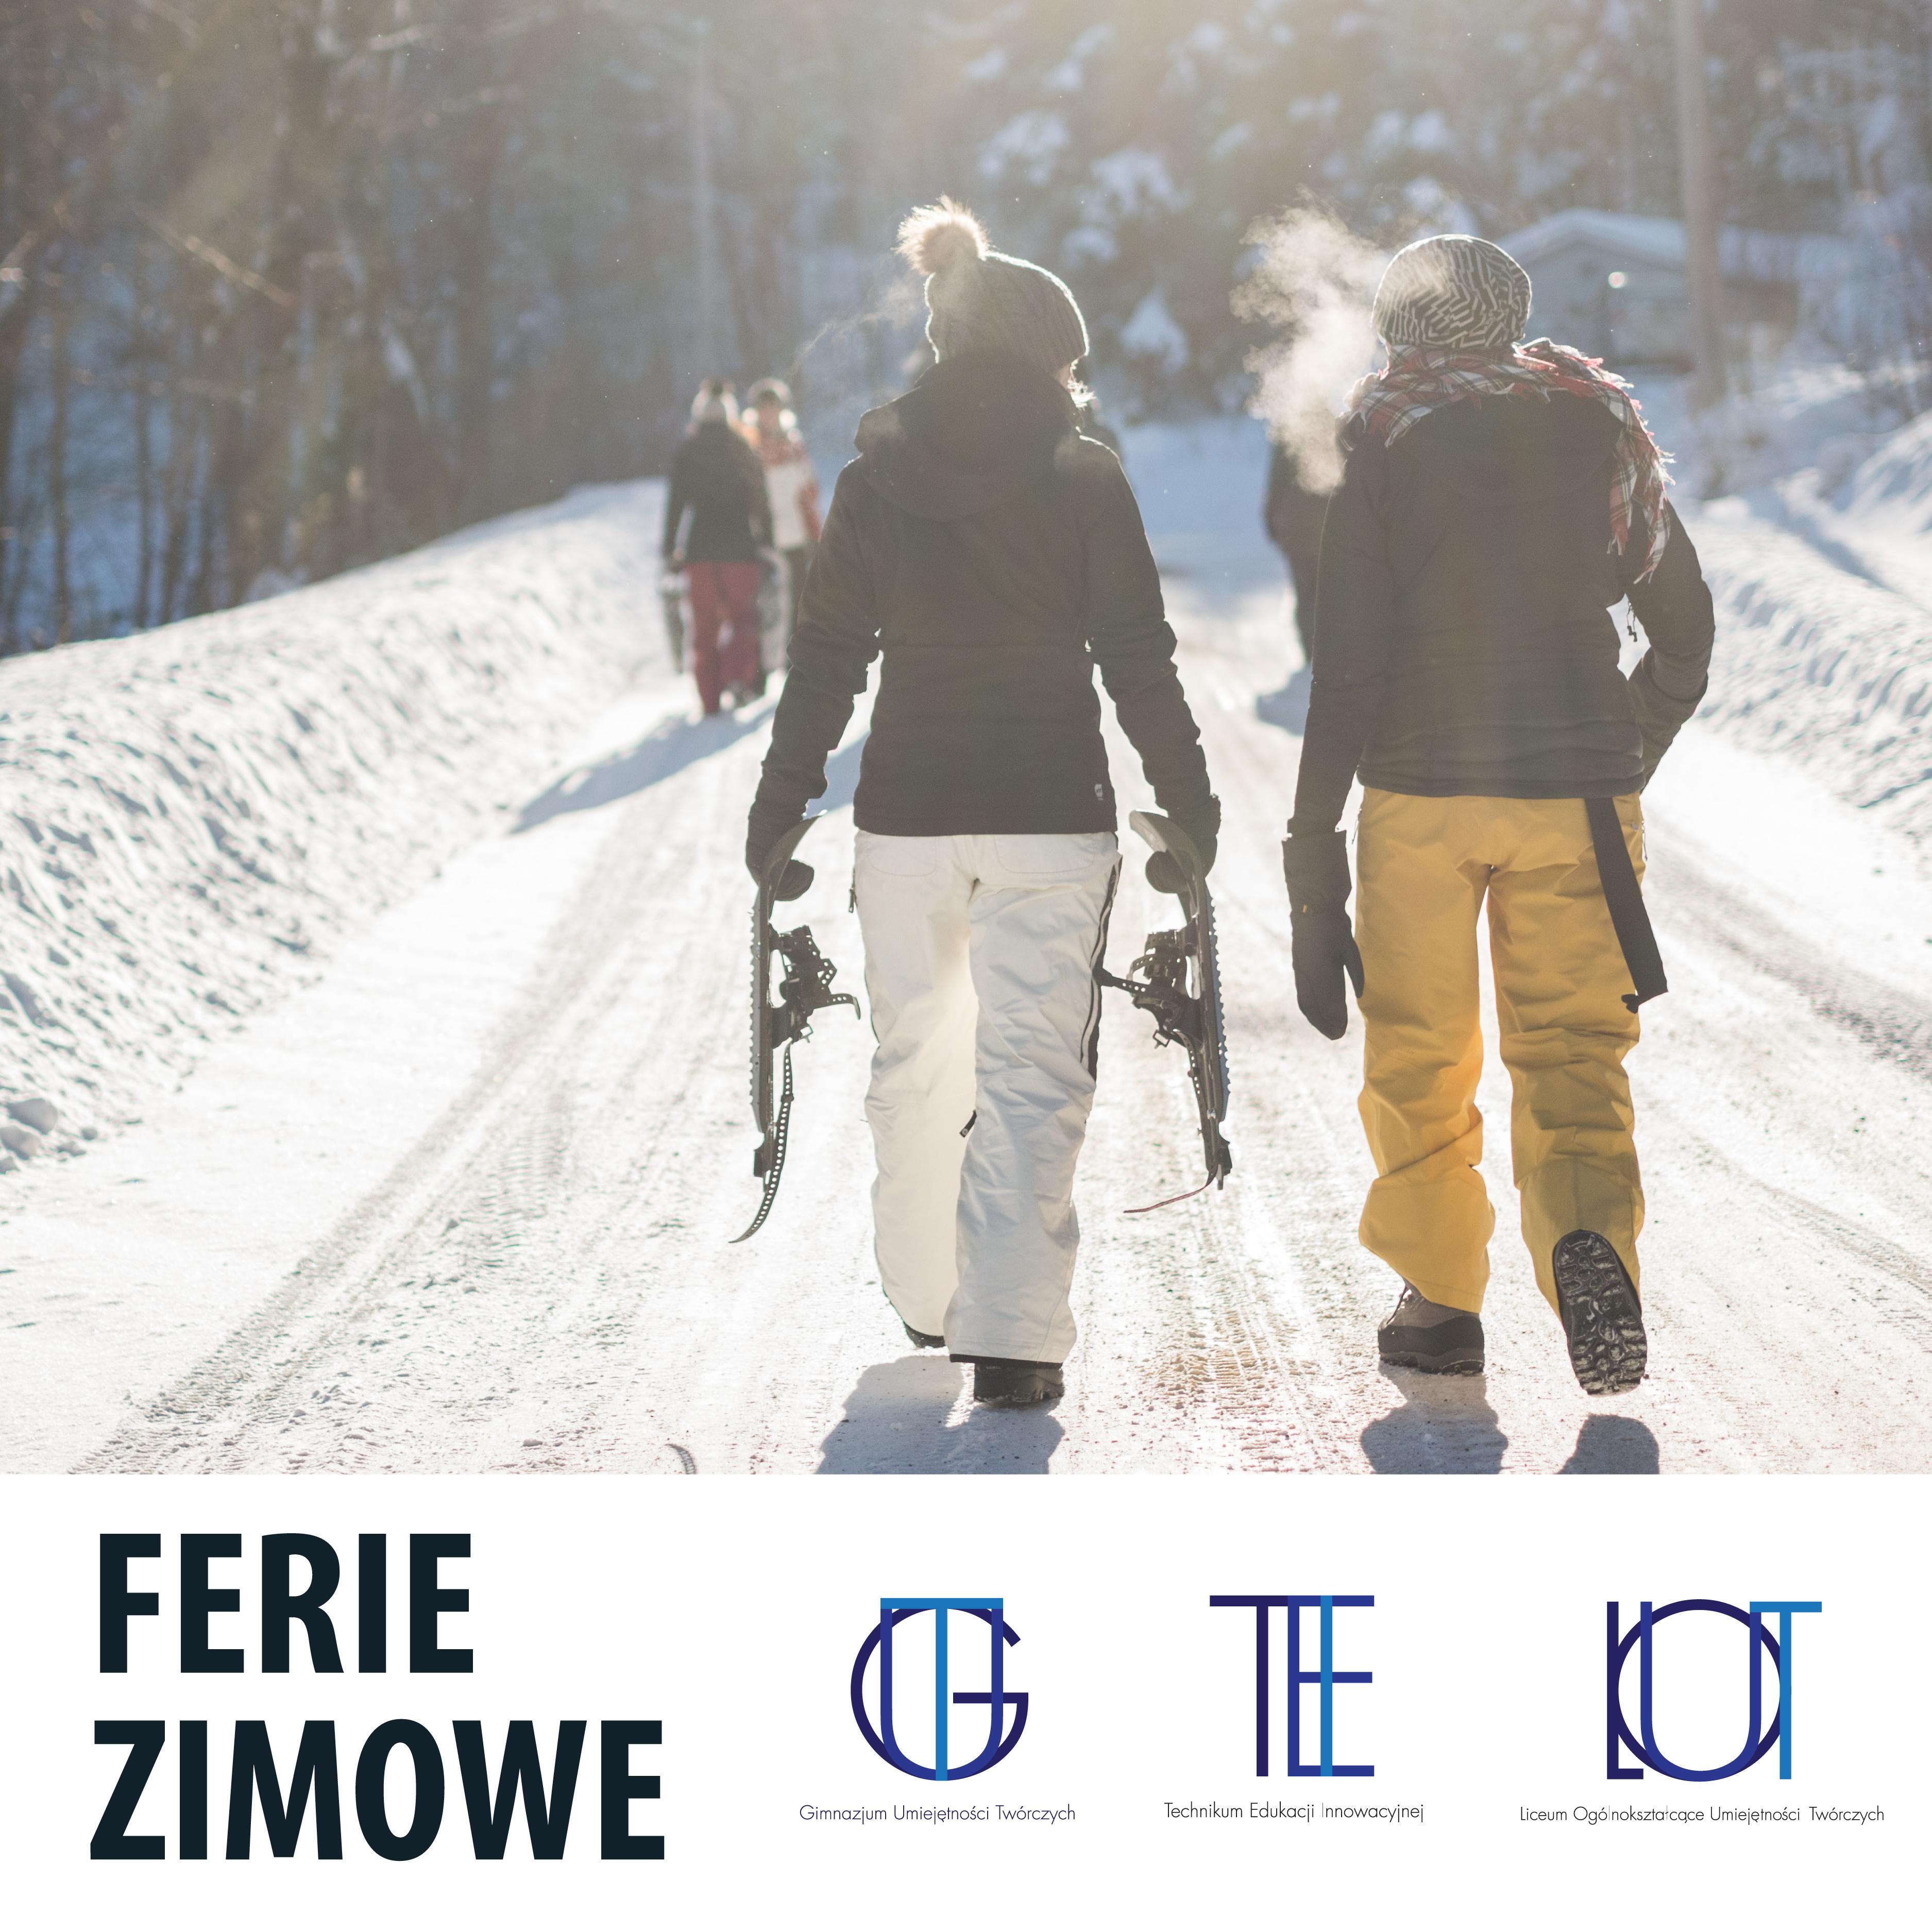 Ferie zimowe SEI w Łodzi